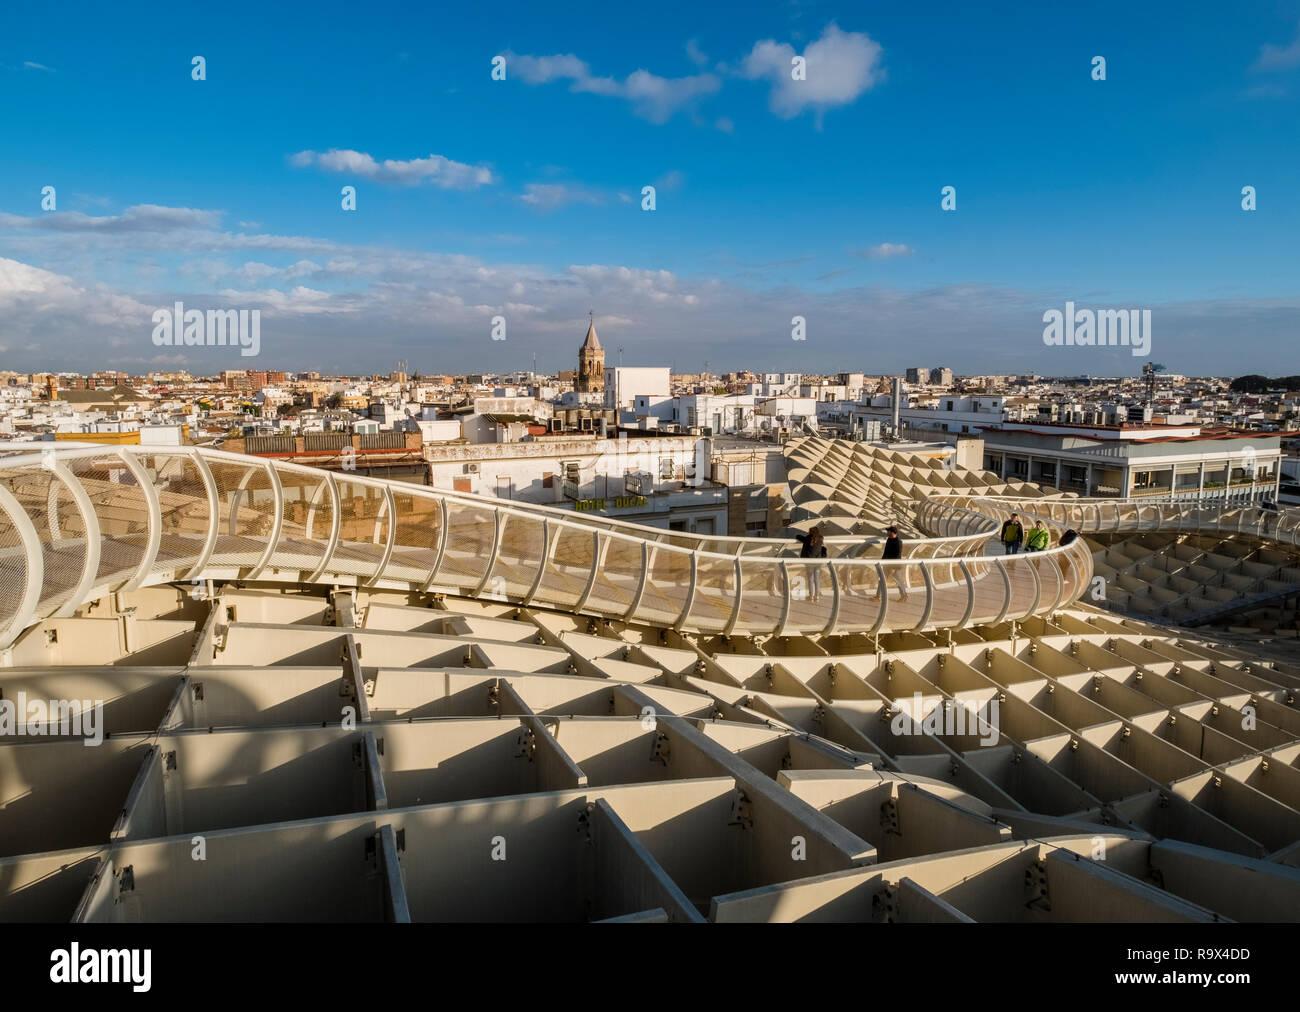 Le Metropol Parasol dans le vieux quartier historique de Séville, en Espagne, est une grande structure en forme de champignon en bois populaires auprès des touristes à la ville. Banque D'Images